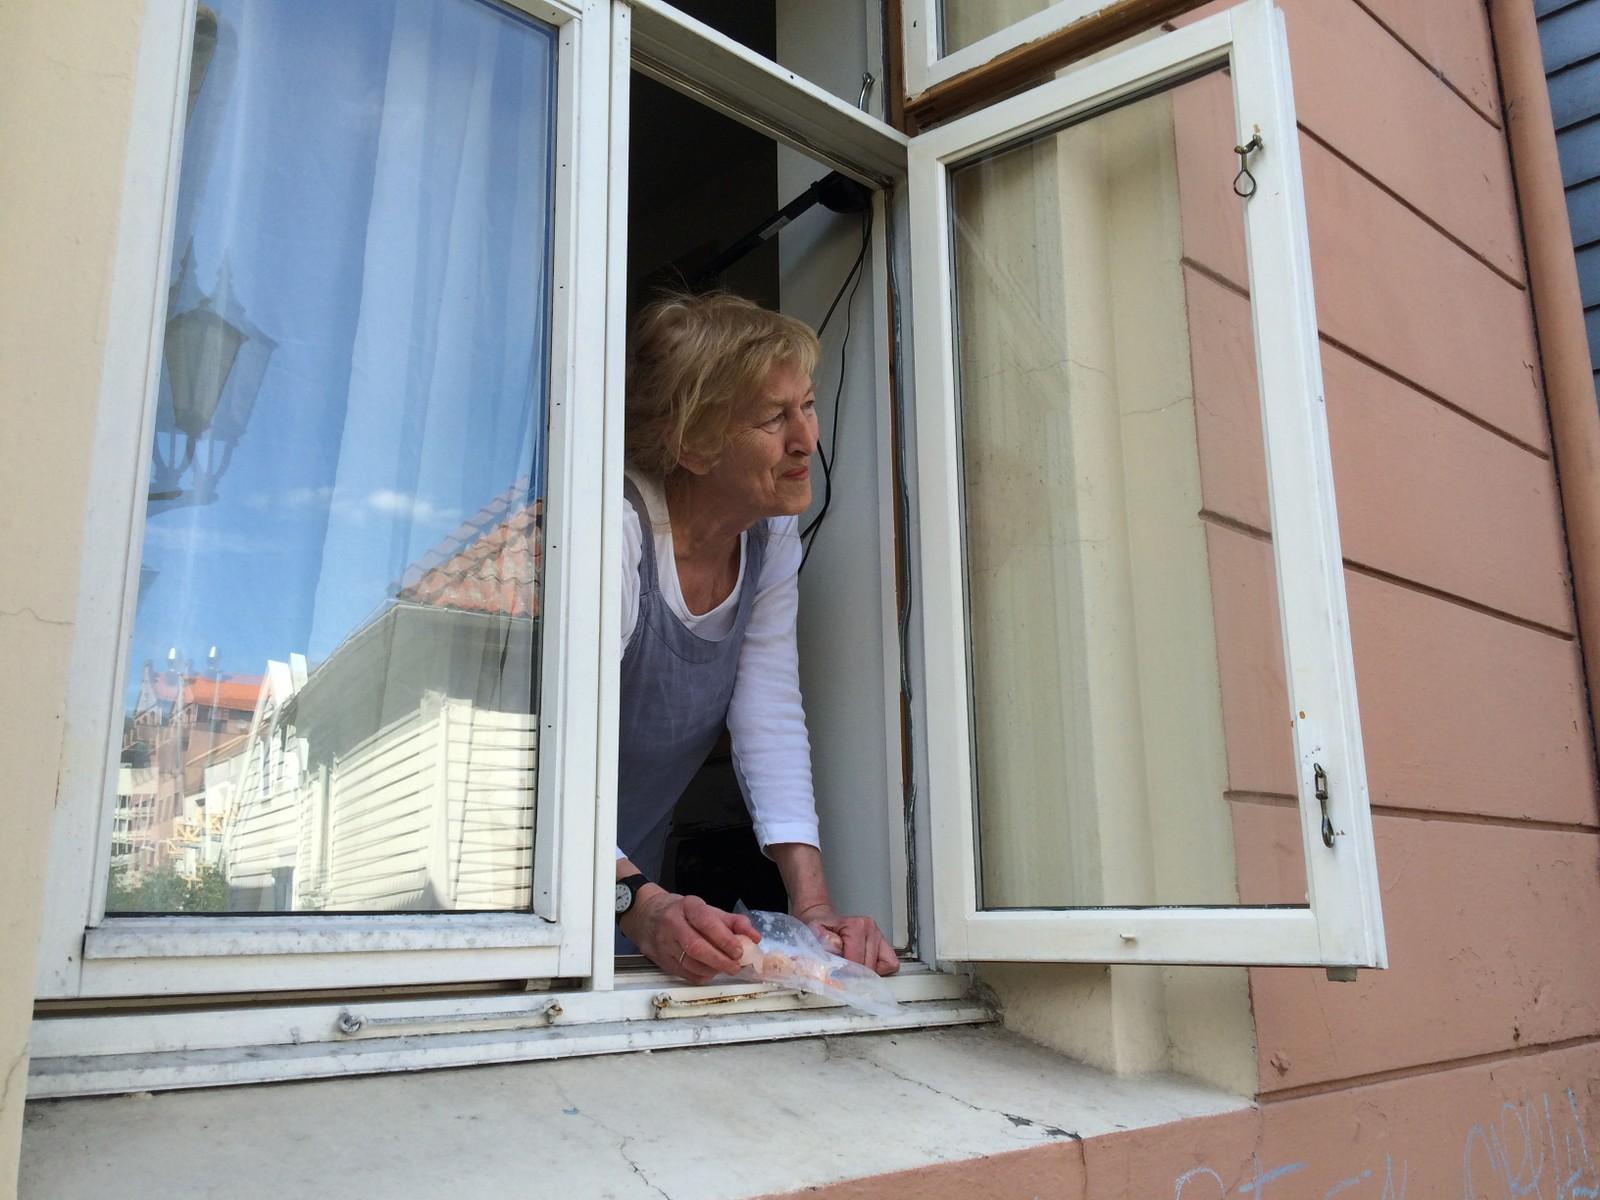 FØLGER MED: Fra kjøkkenvinduet i Sydnessmauet følger Sanja med på måkekyllingen.